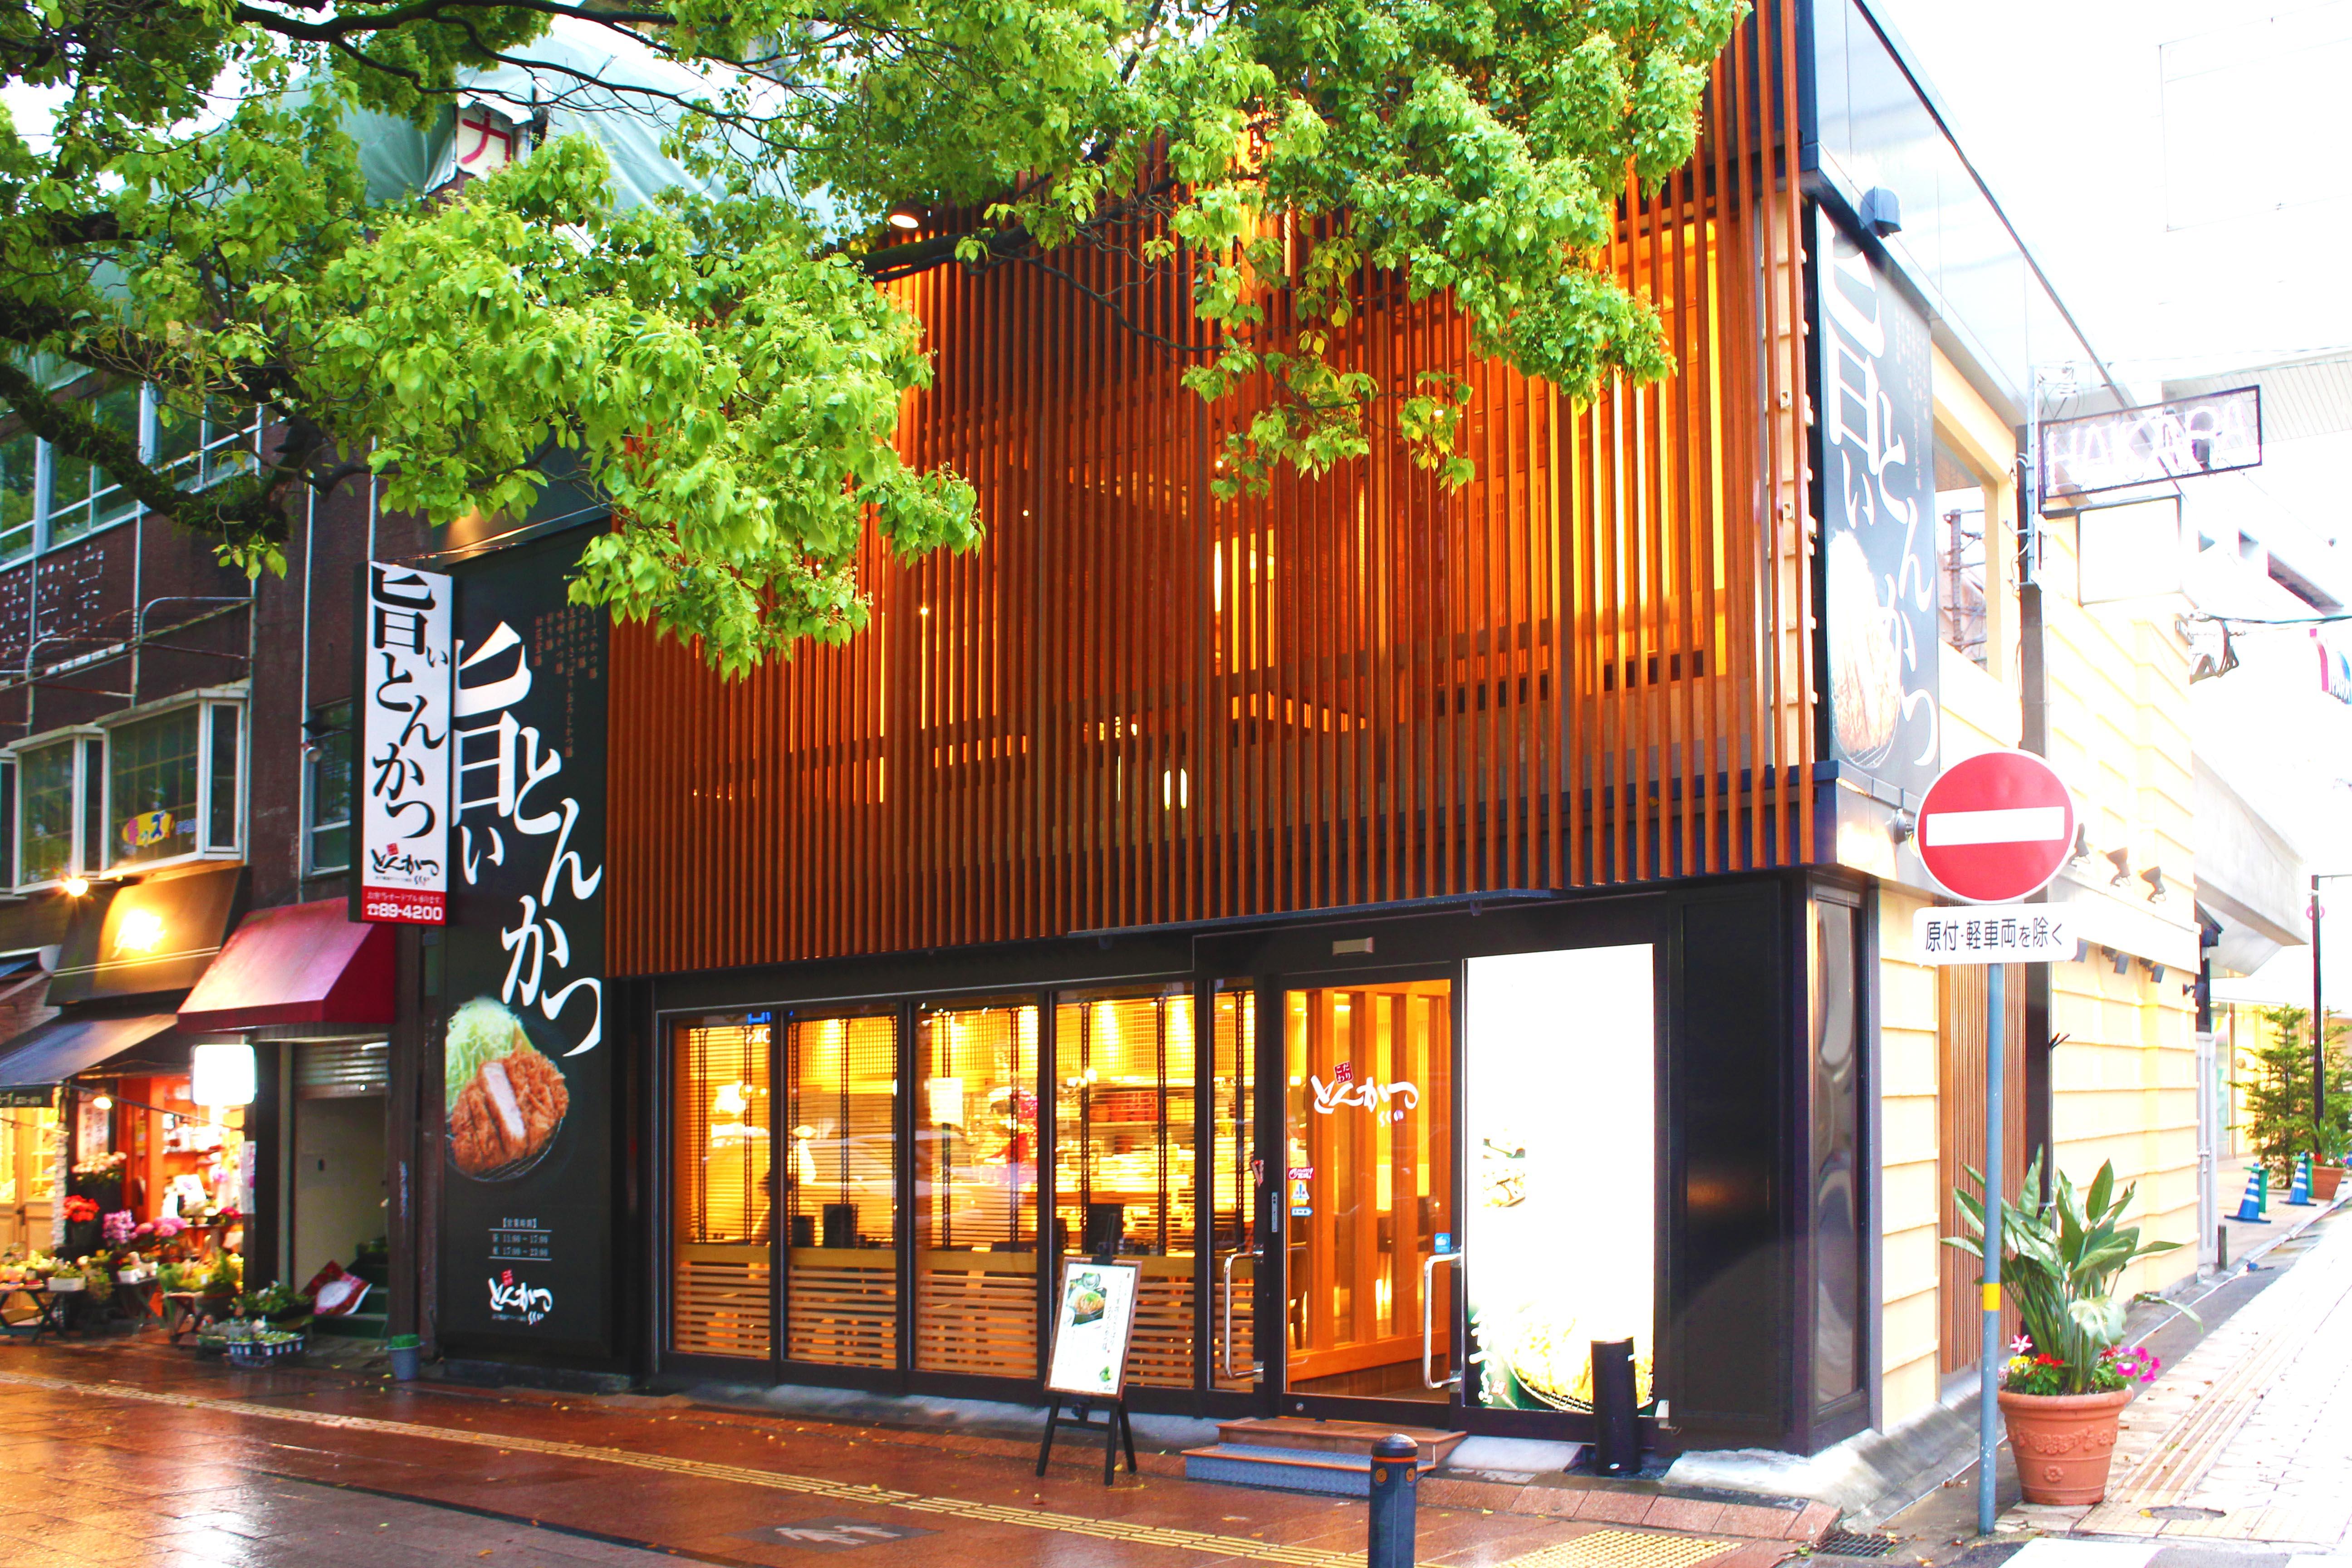 とんかつらくい高千穂通デパート前店外観イメージ